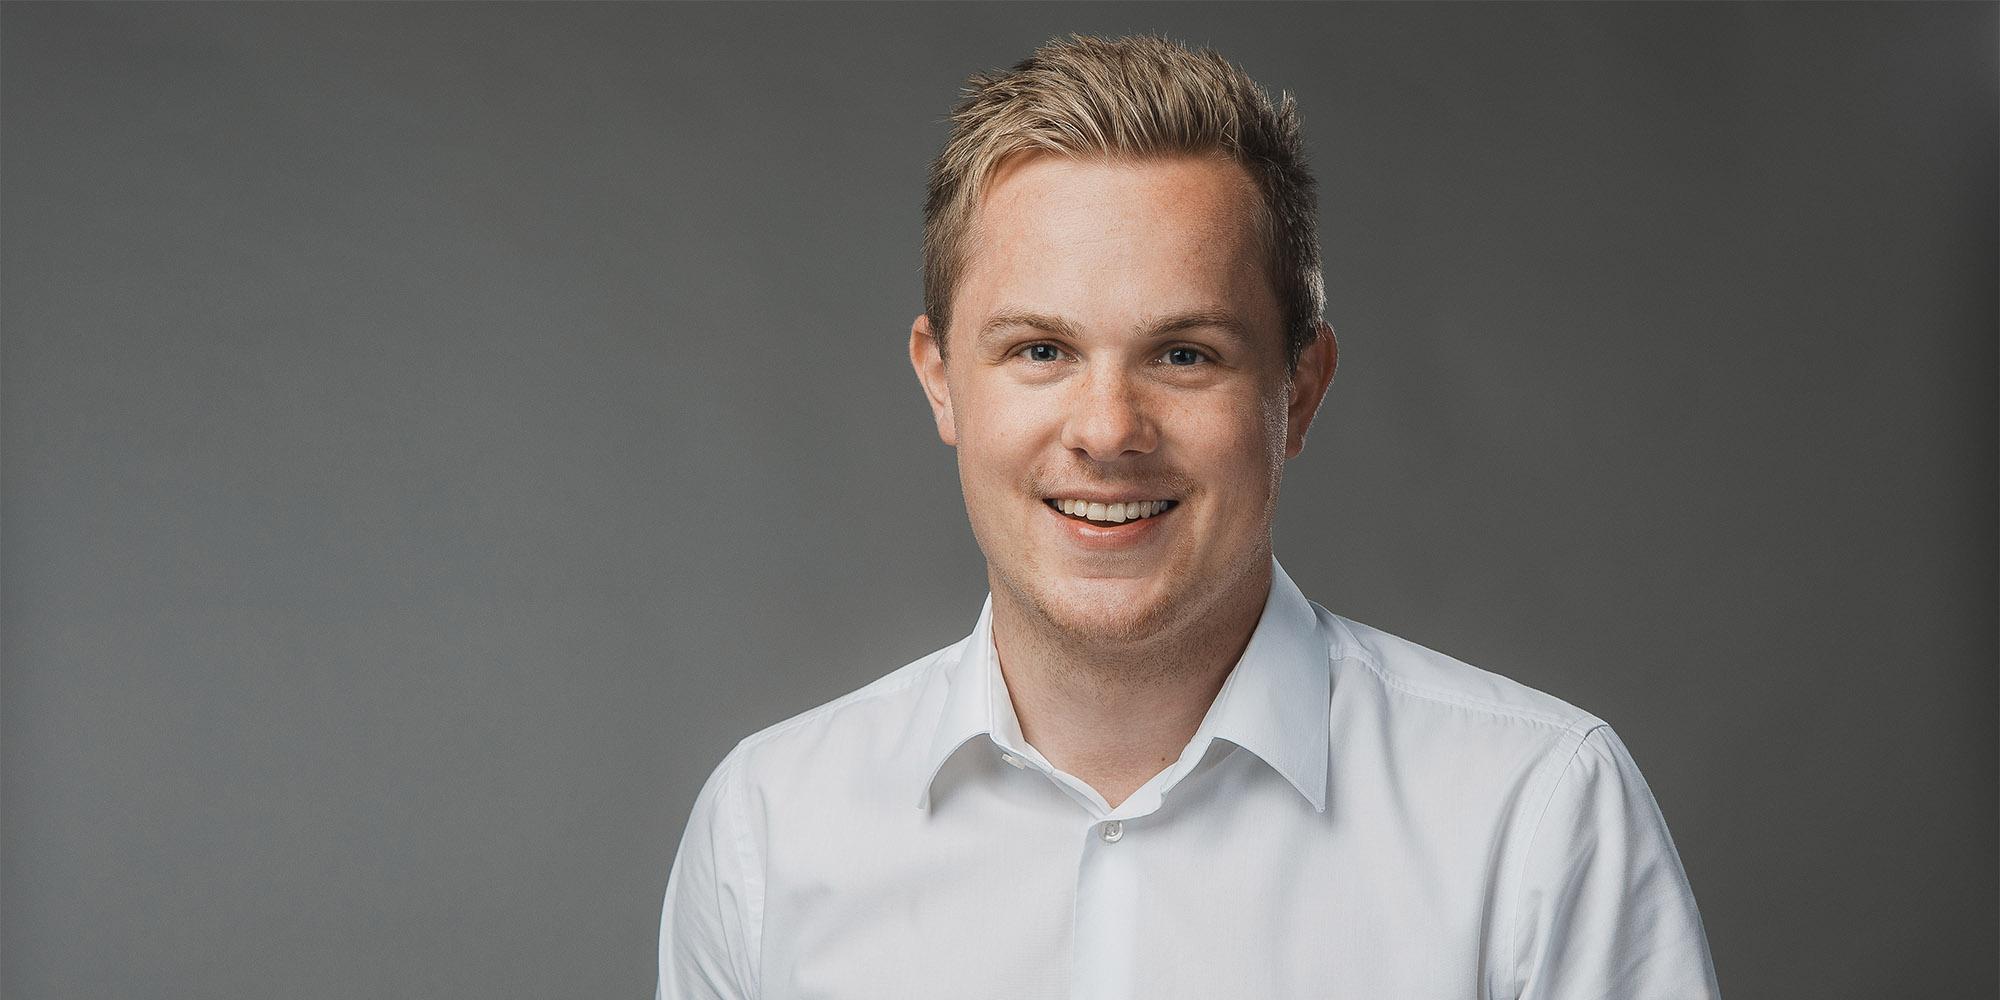 Matthias Krause Direktkandidat zur Bundestagswahl 2021